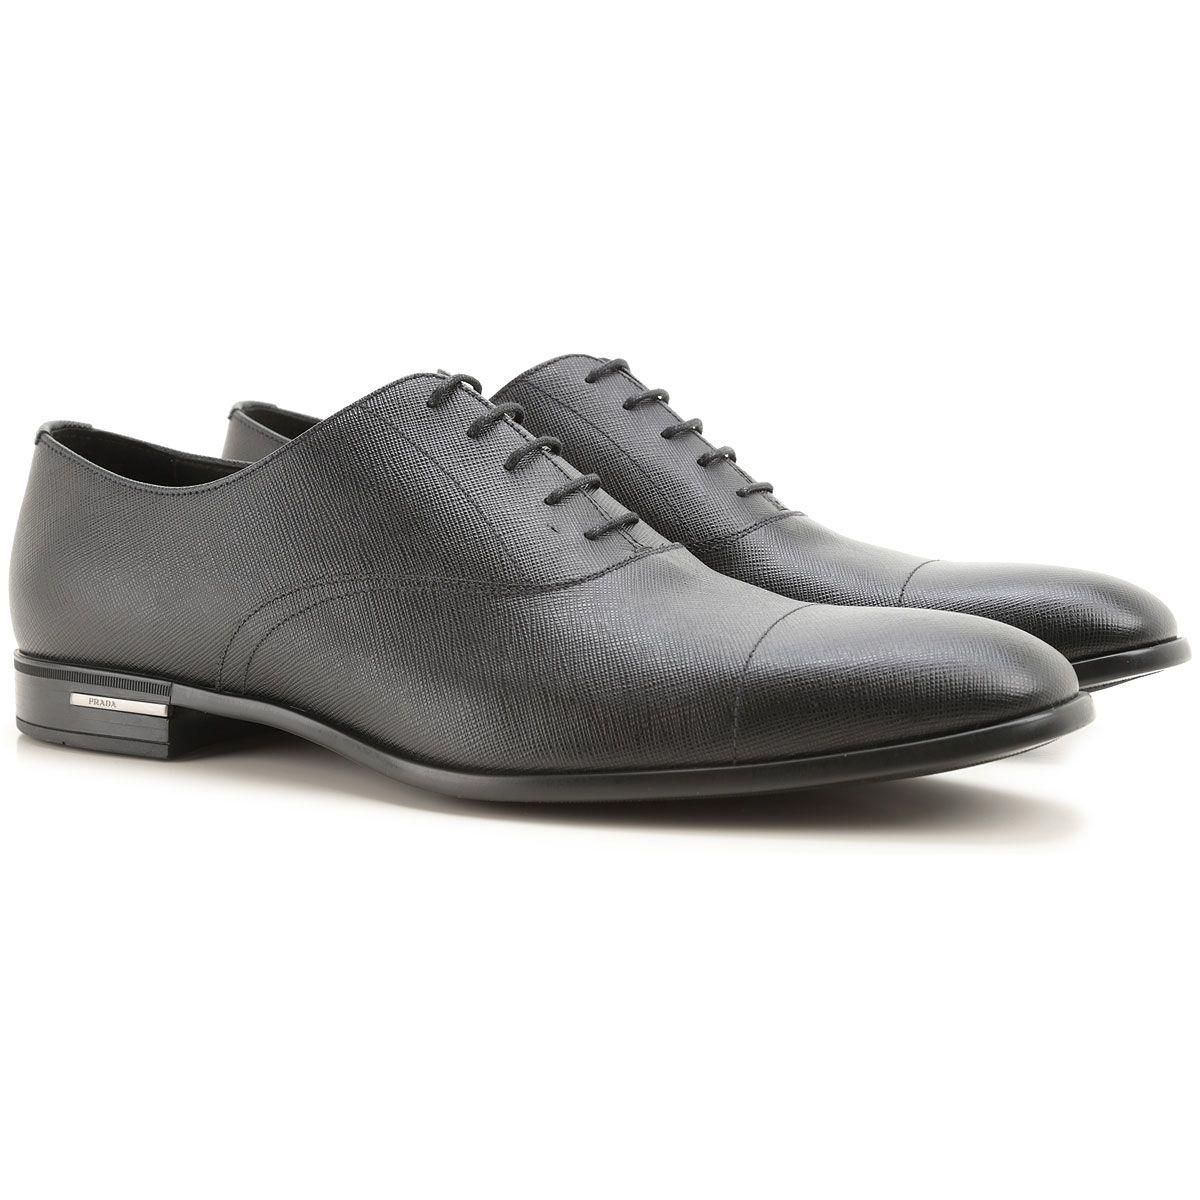 design distinctif magasin en ligne original à chaud Chaussures Prada pour homme, sneakers, mocassins et ...